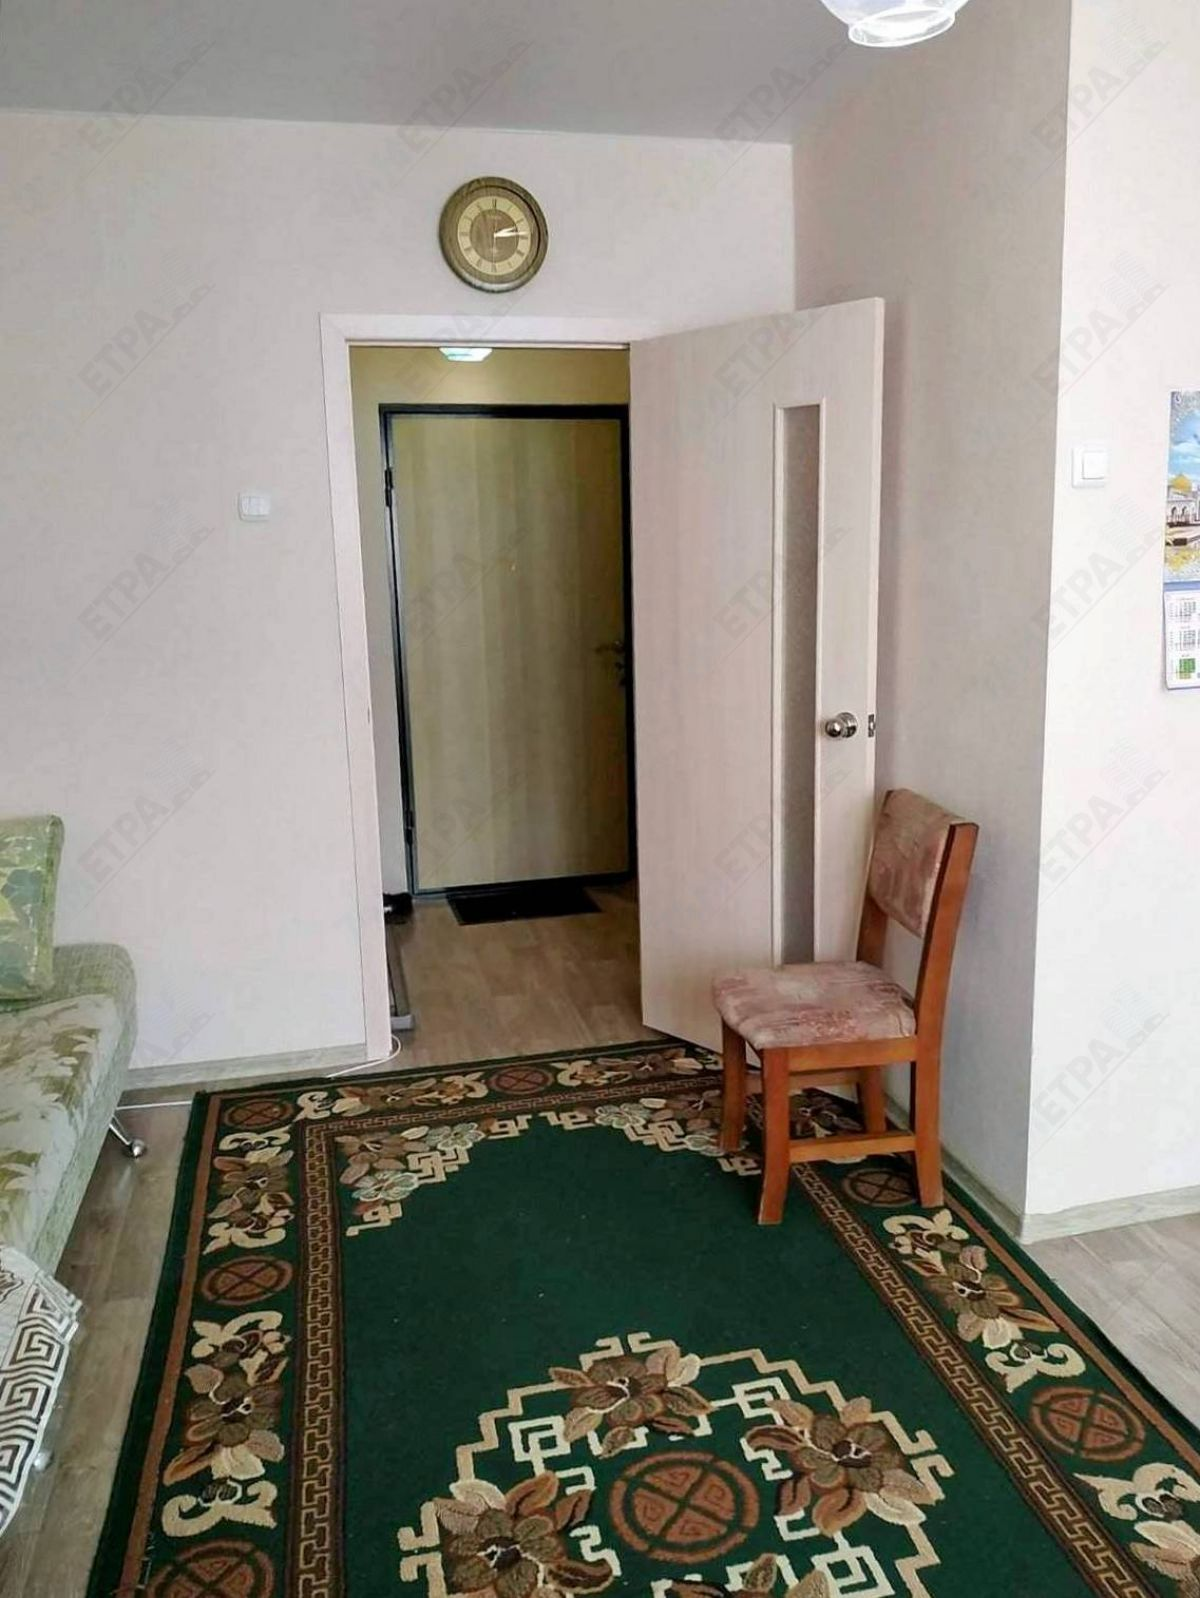 9 000 ₽, 1 - комнатная квартира, площадь 29 м², этаж 2/10